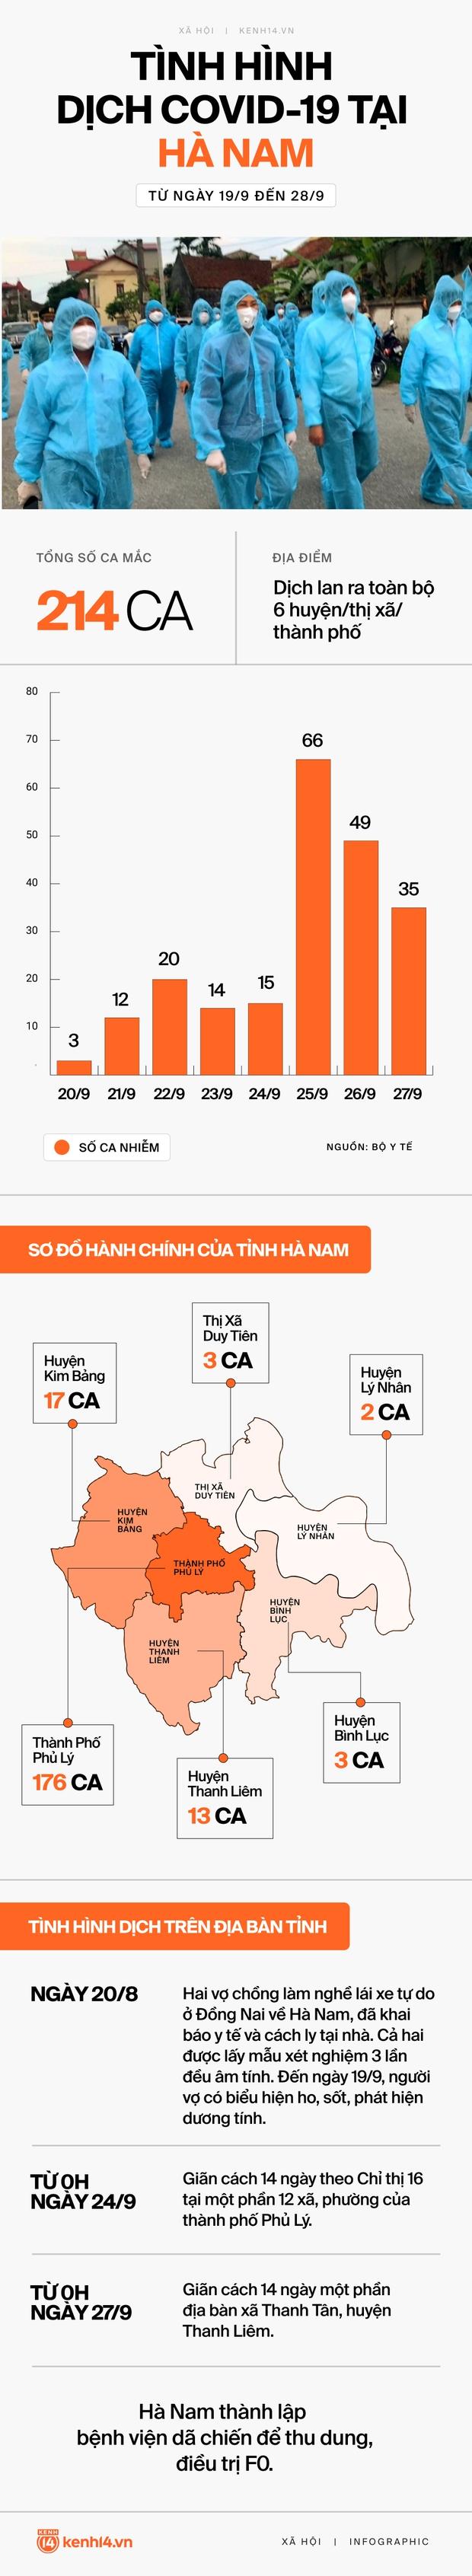 INFOGRAPHIC: 214 ca Covid-19 lan ra toàn bộ tỉnh Hà Nam chỉ sau hơn một tuần, diễn biến phức tạp và khó lường - Ảnh 1.